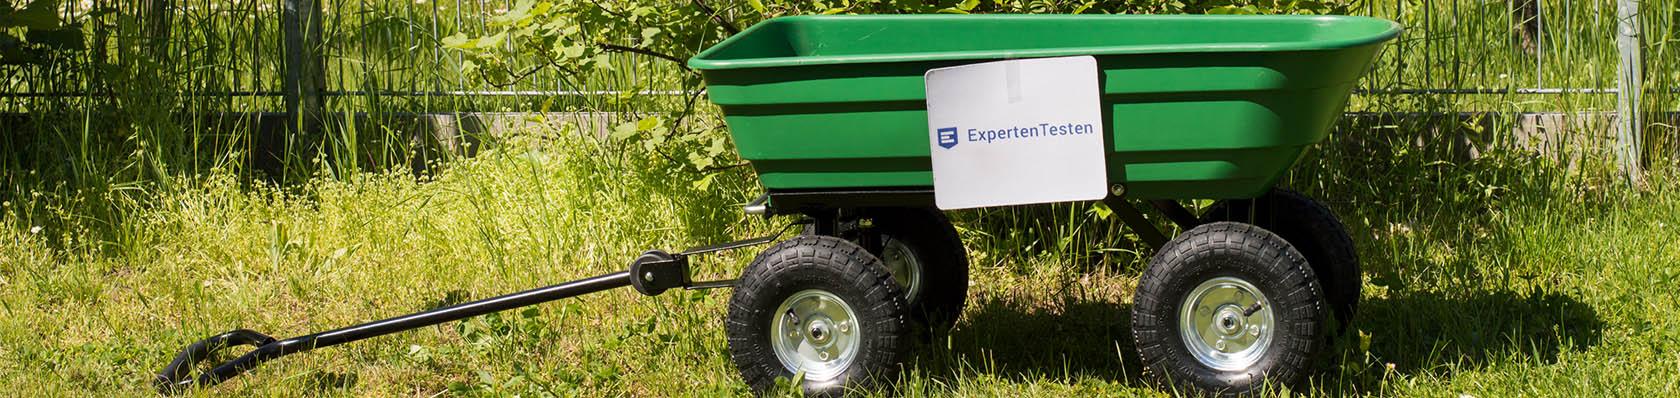 Bollerwagen im Test auf ExpertenTesten.de